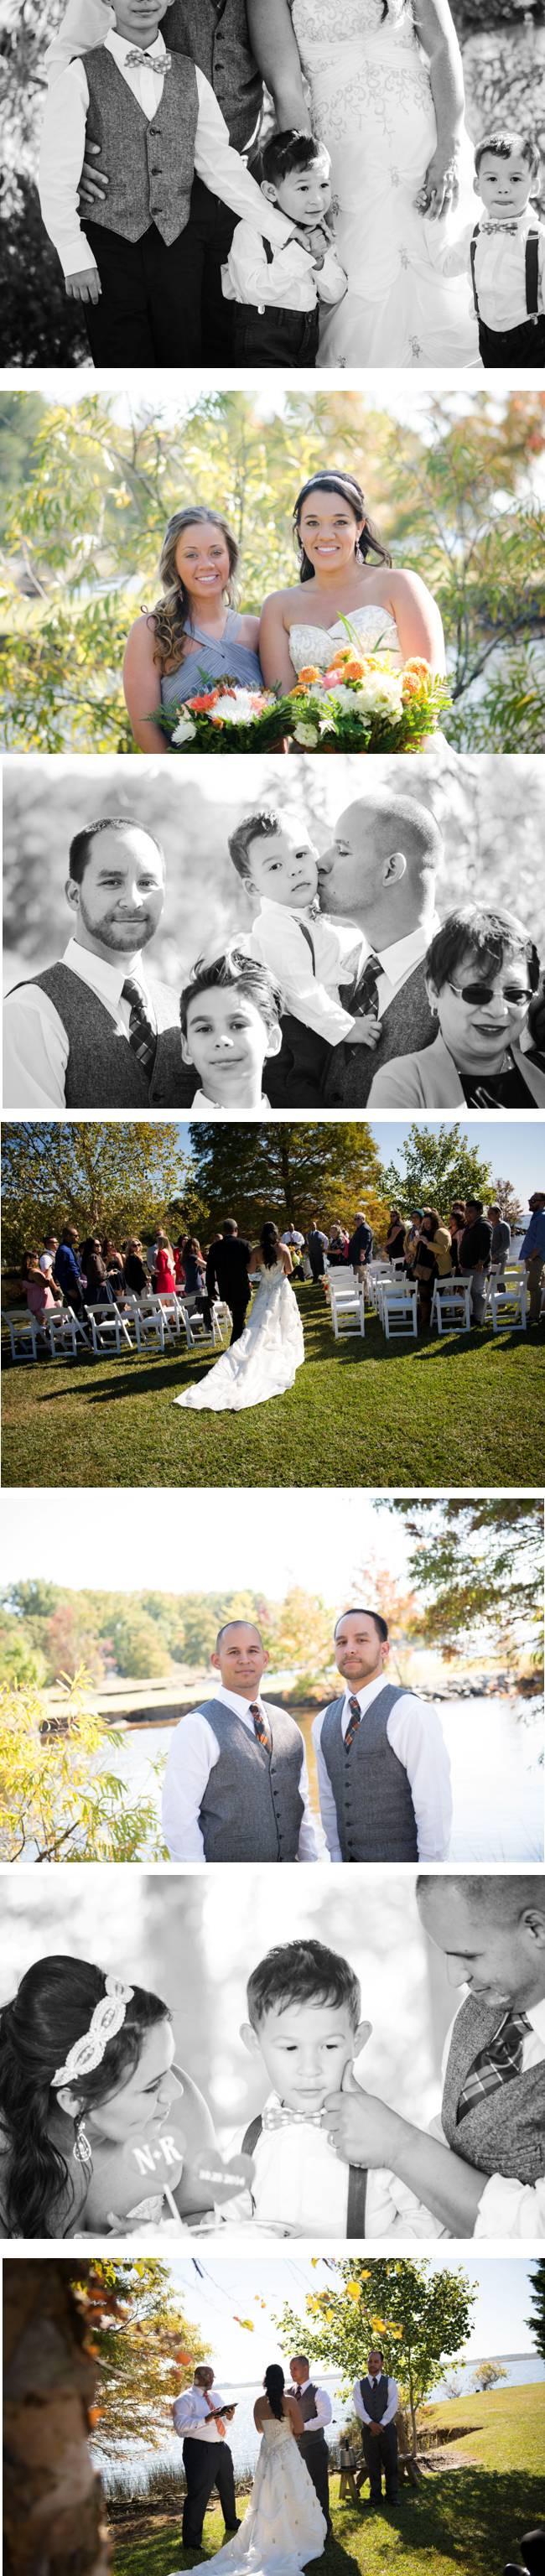 nicole and ryan wedding 1.jpg